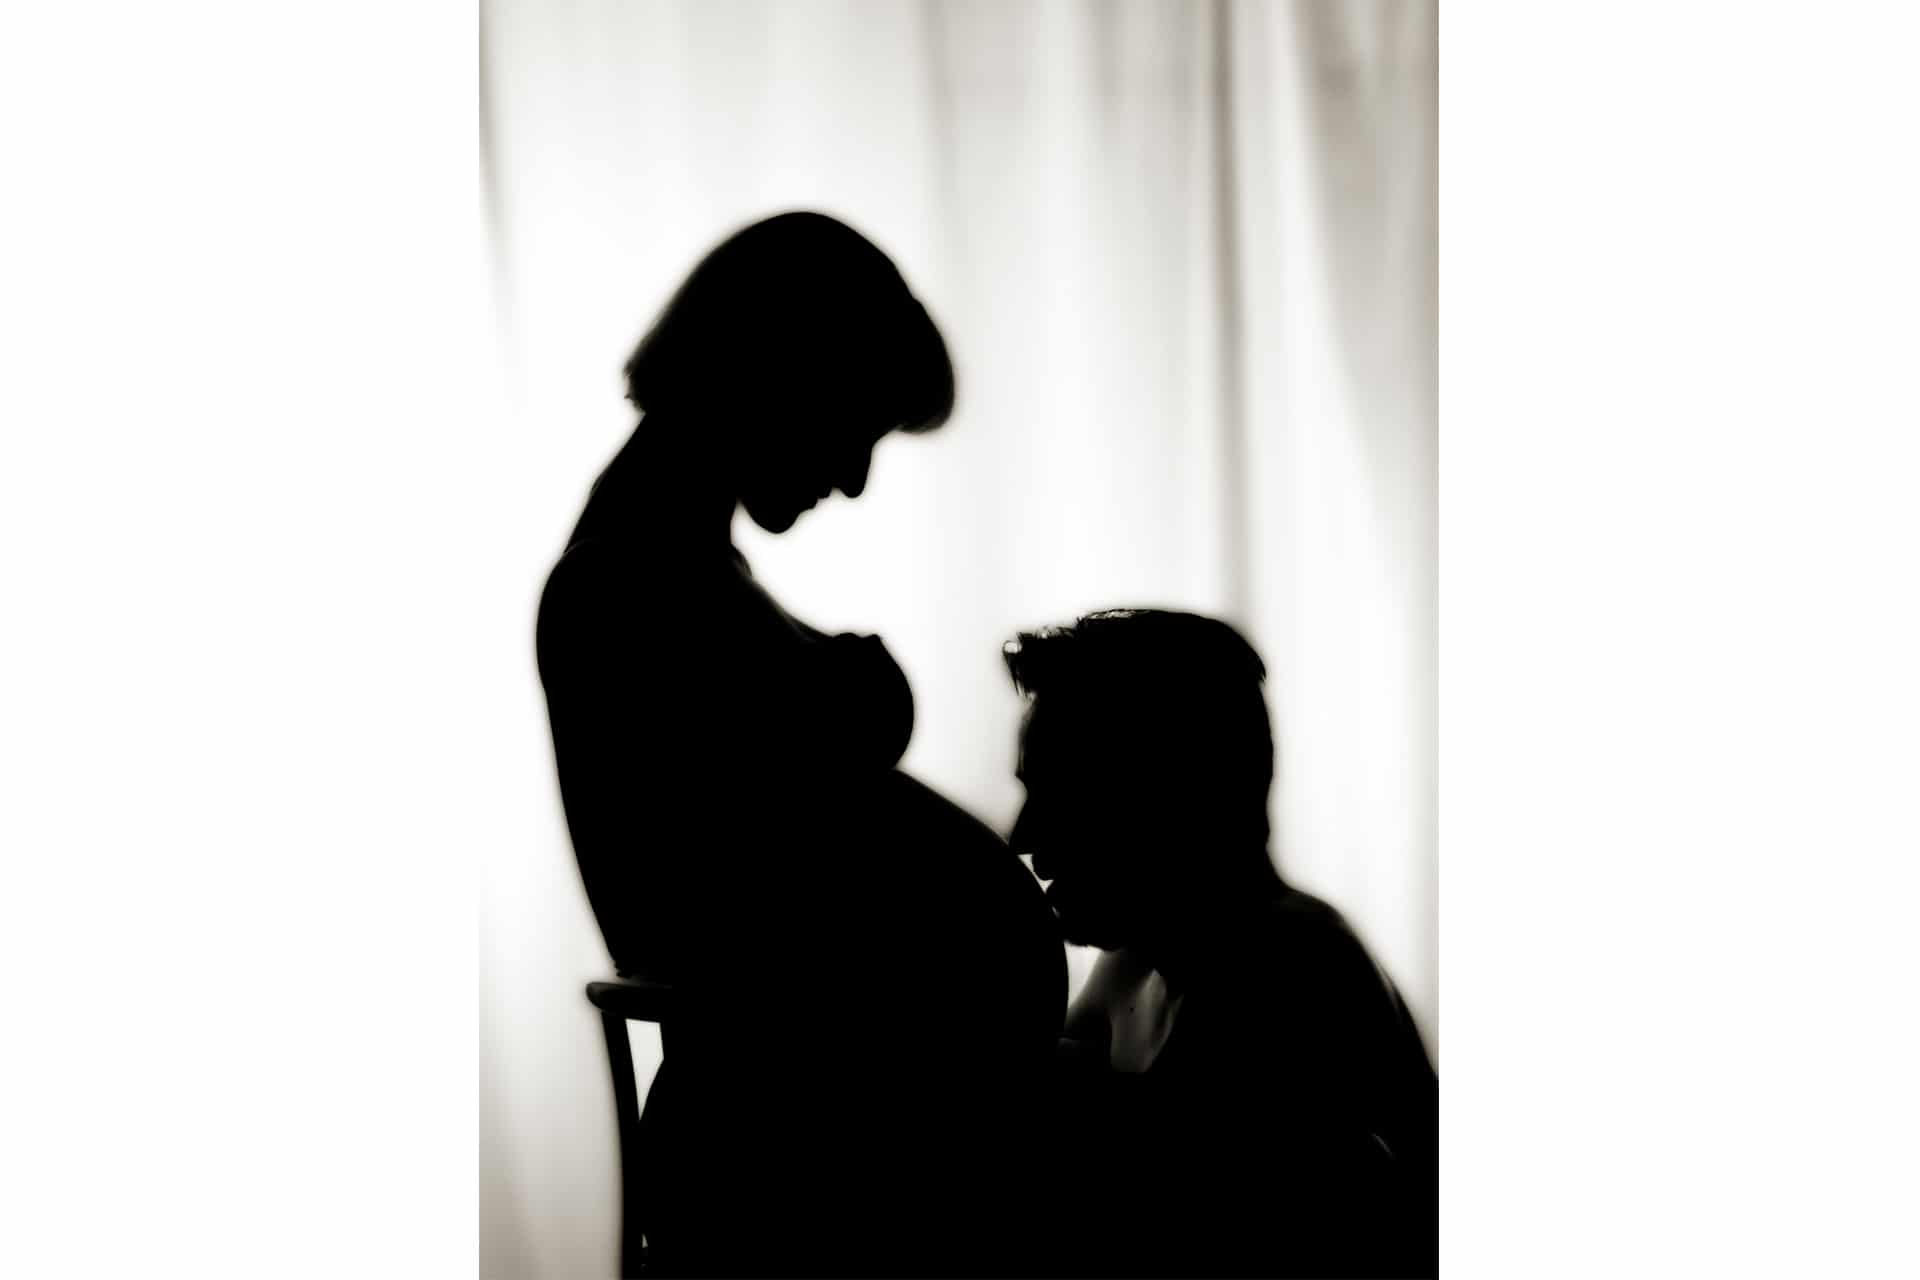 Fotos vom Babybauch in Murnau - Babybauch Shooting - Babybauchfotografie - Schwangerschaftsfotos - Babybauchfotos - Foto Stoess-1